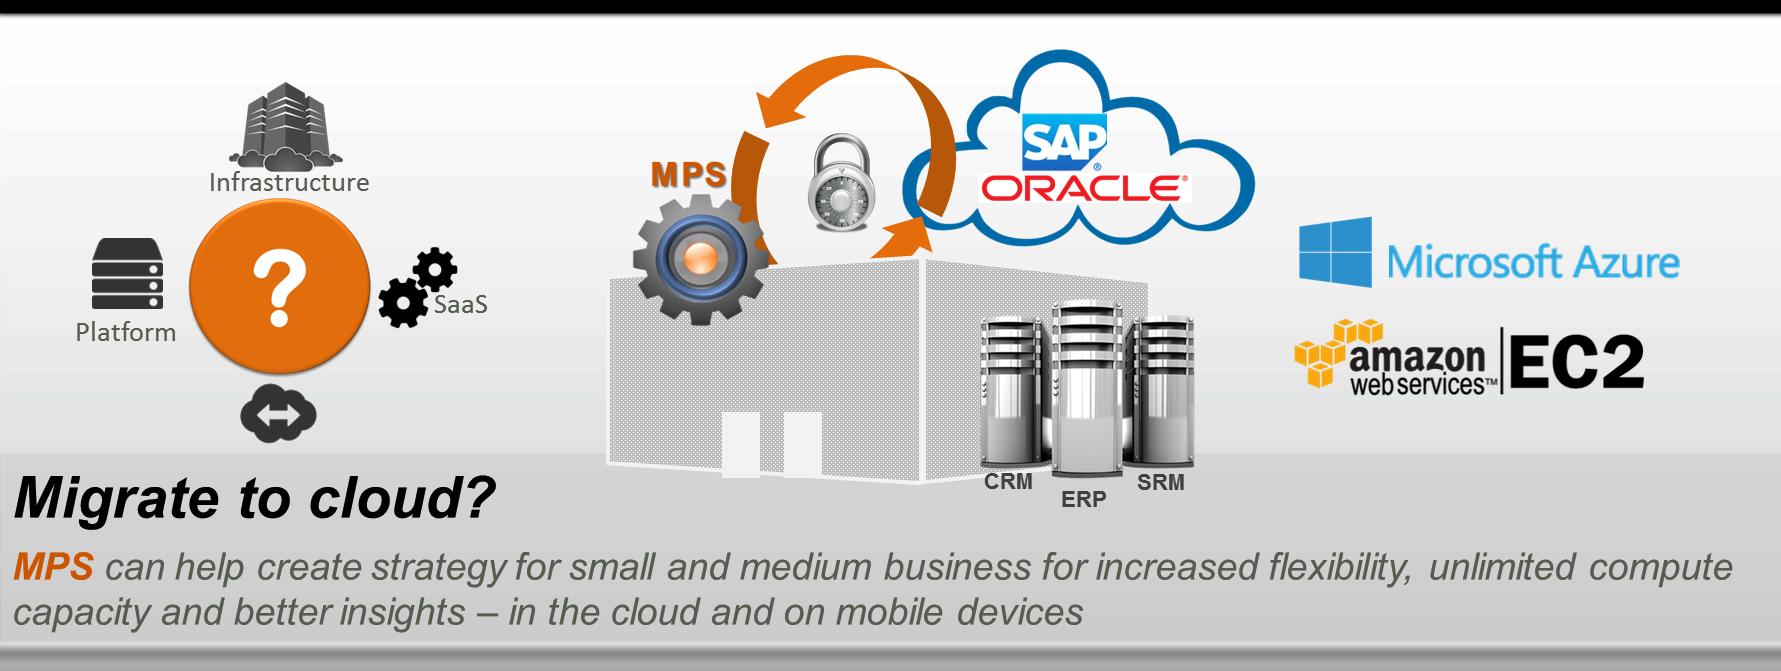 SAP Oracle cloud migration